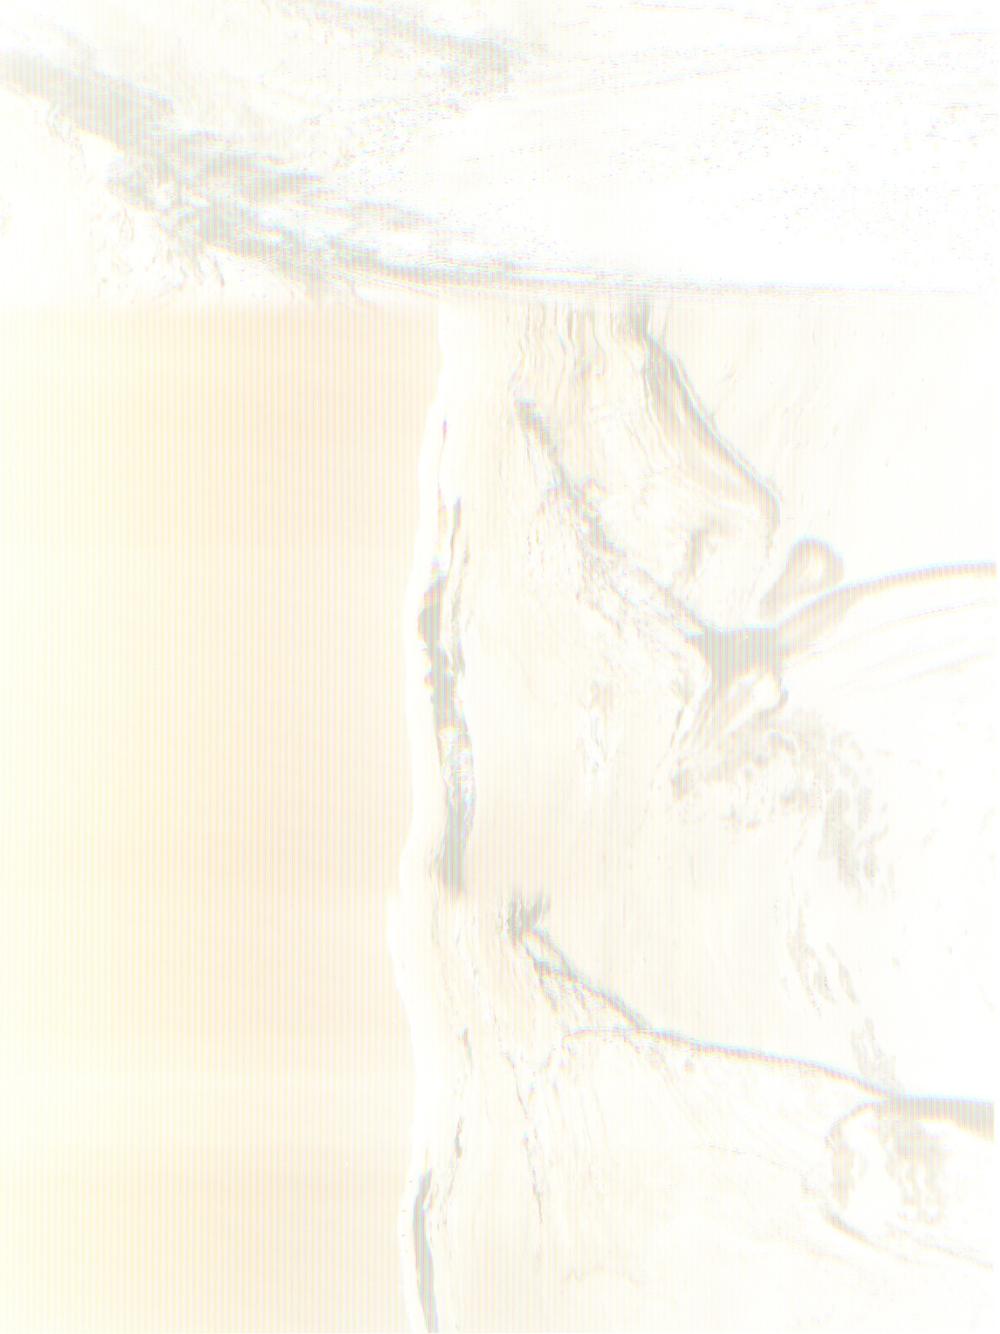 OCEANMOVIES-006.jpg